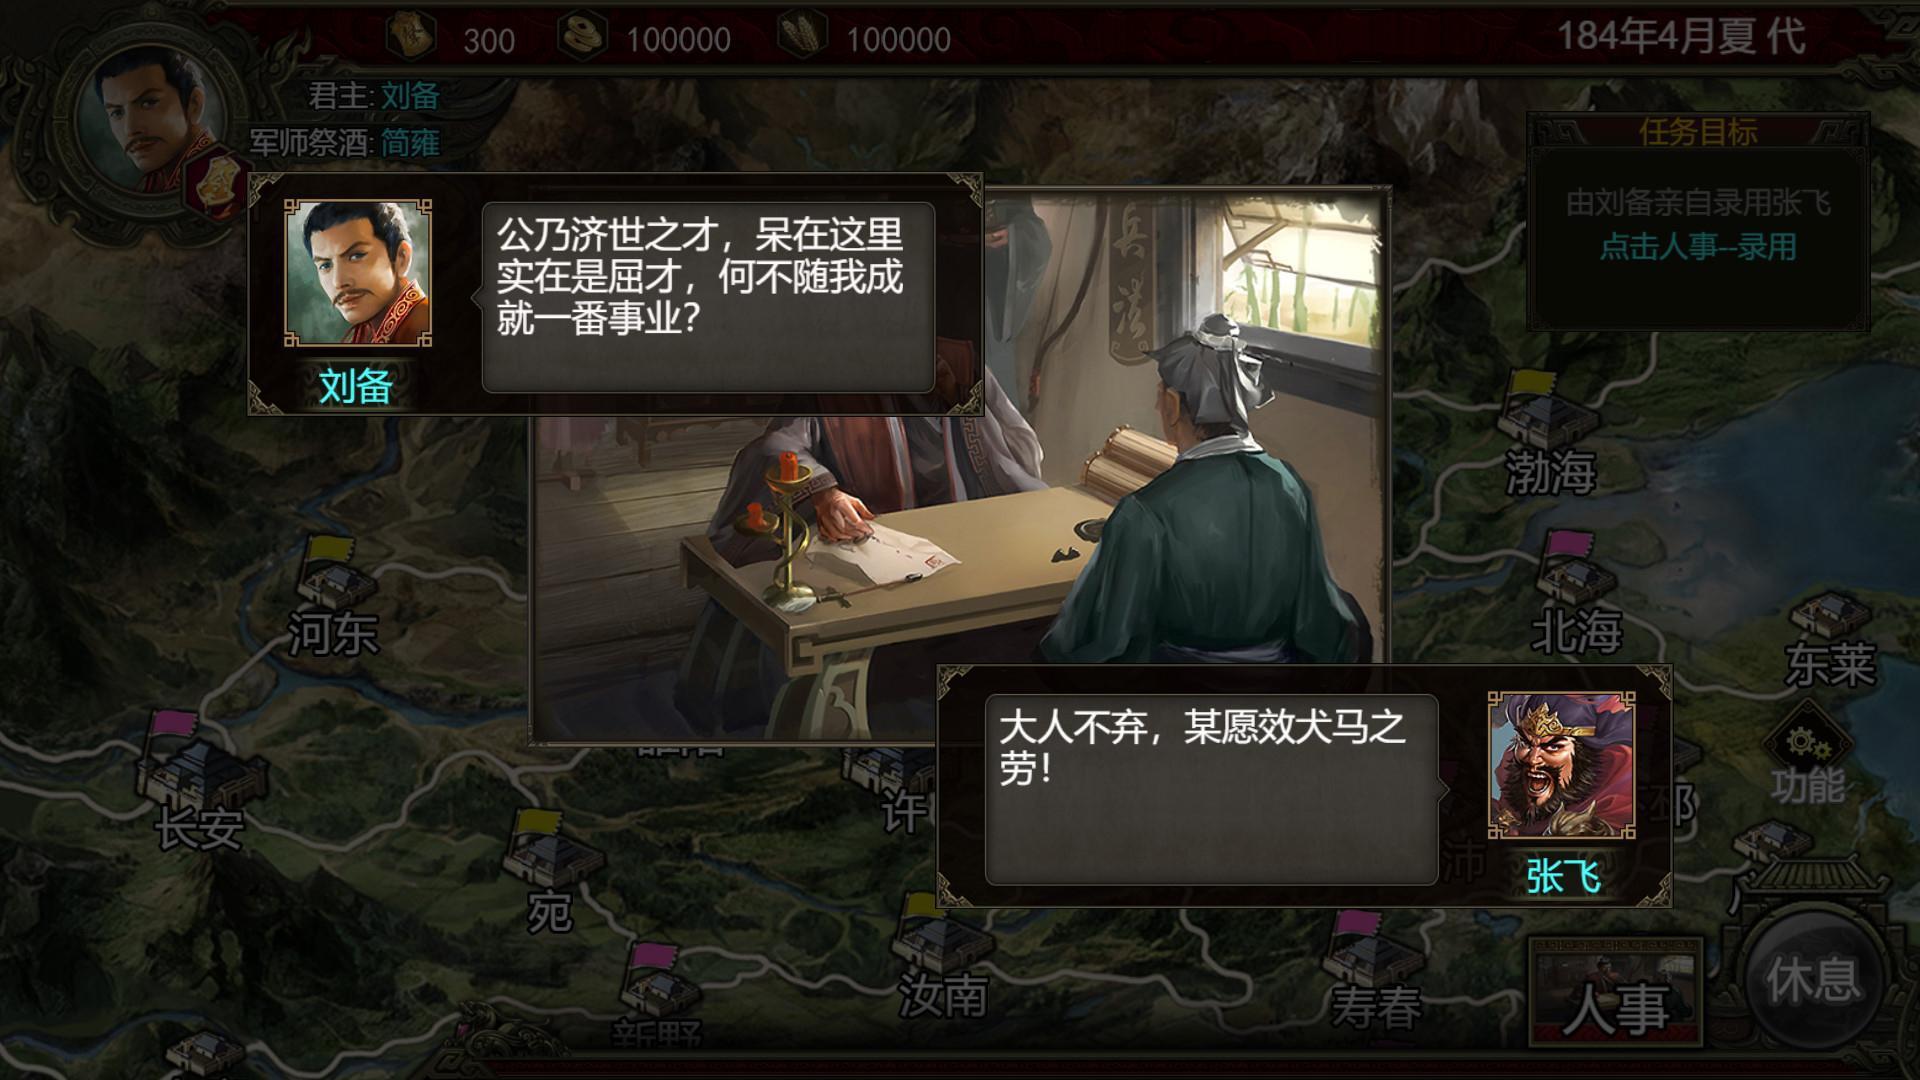 三国志天下布武 游戏截图5